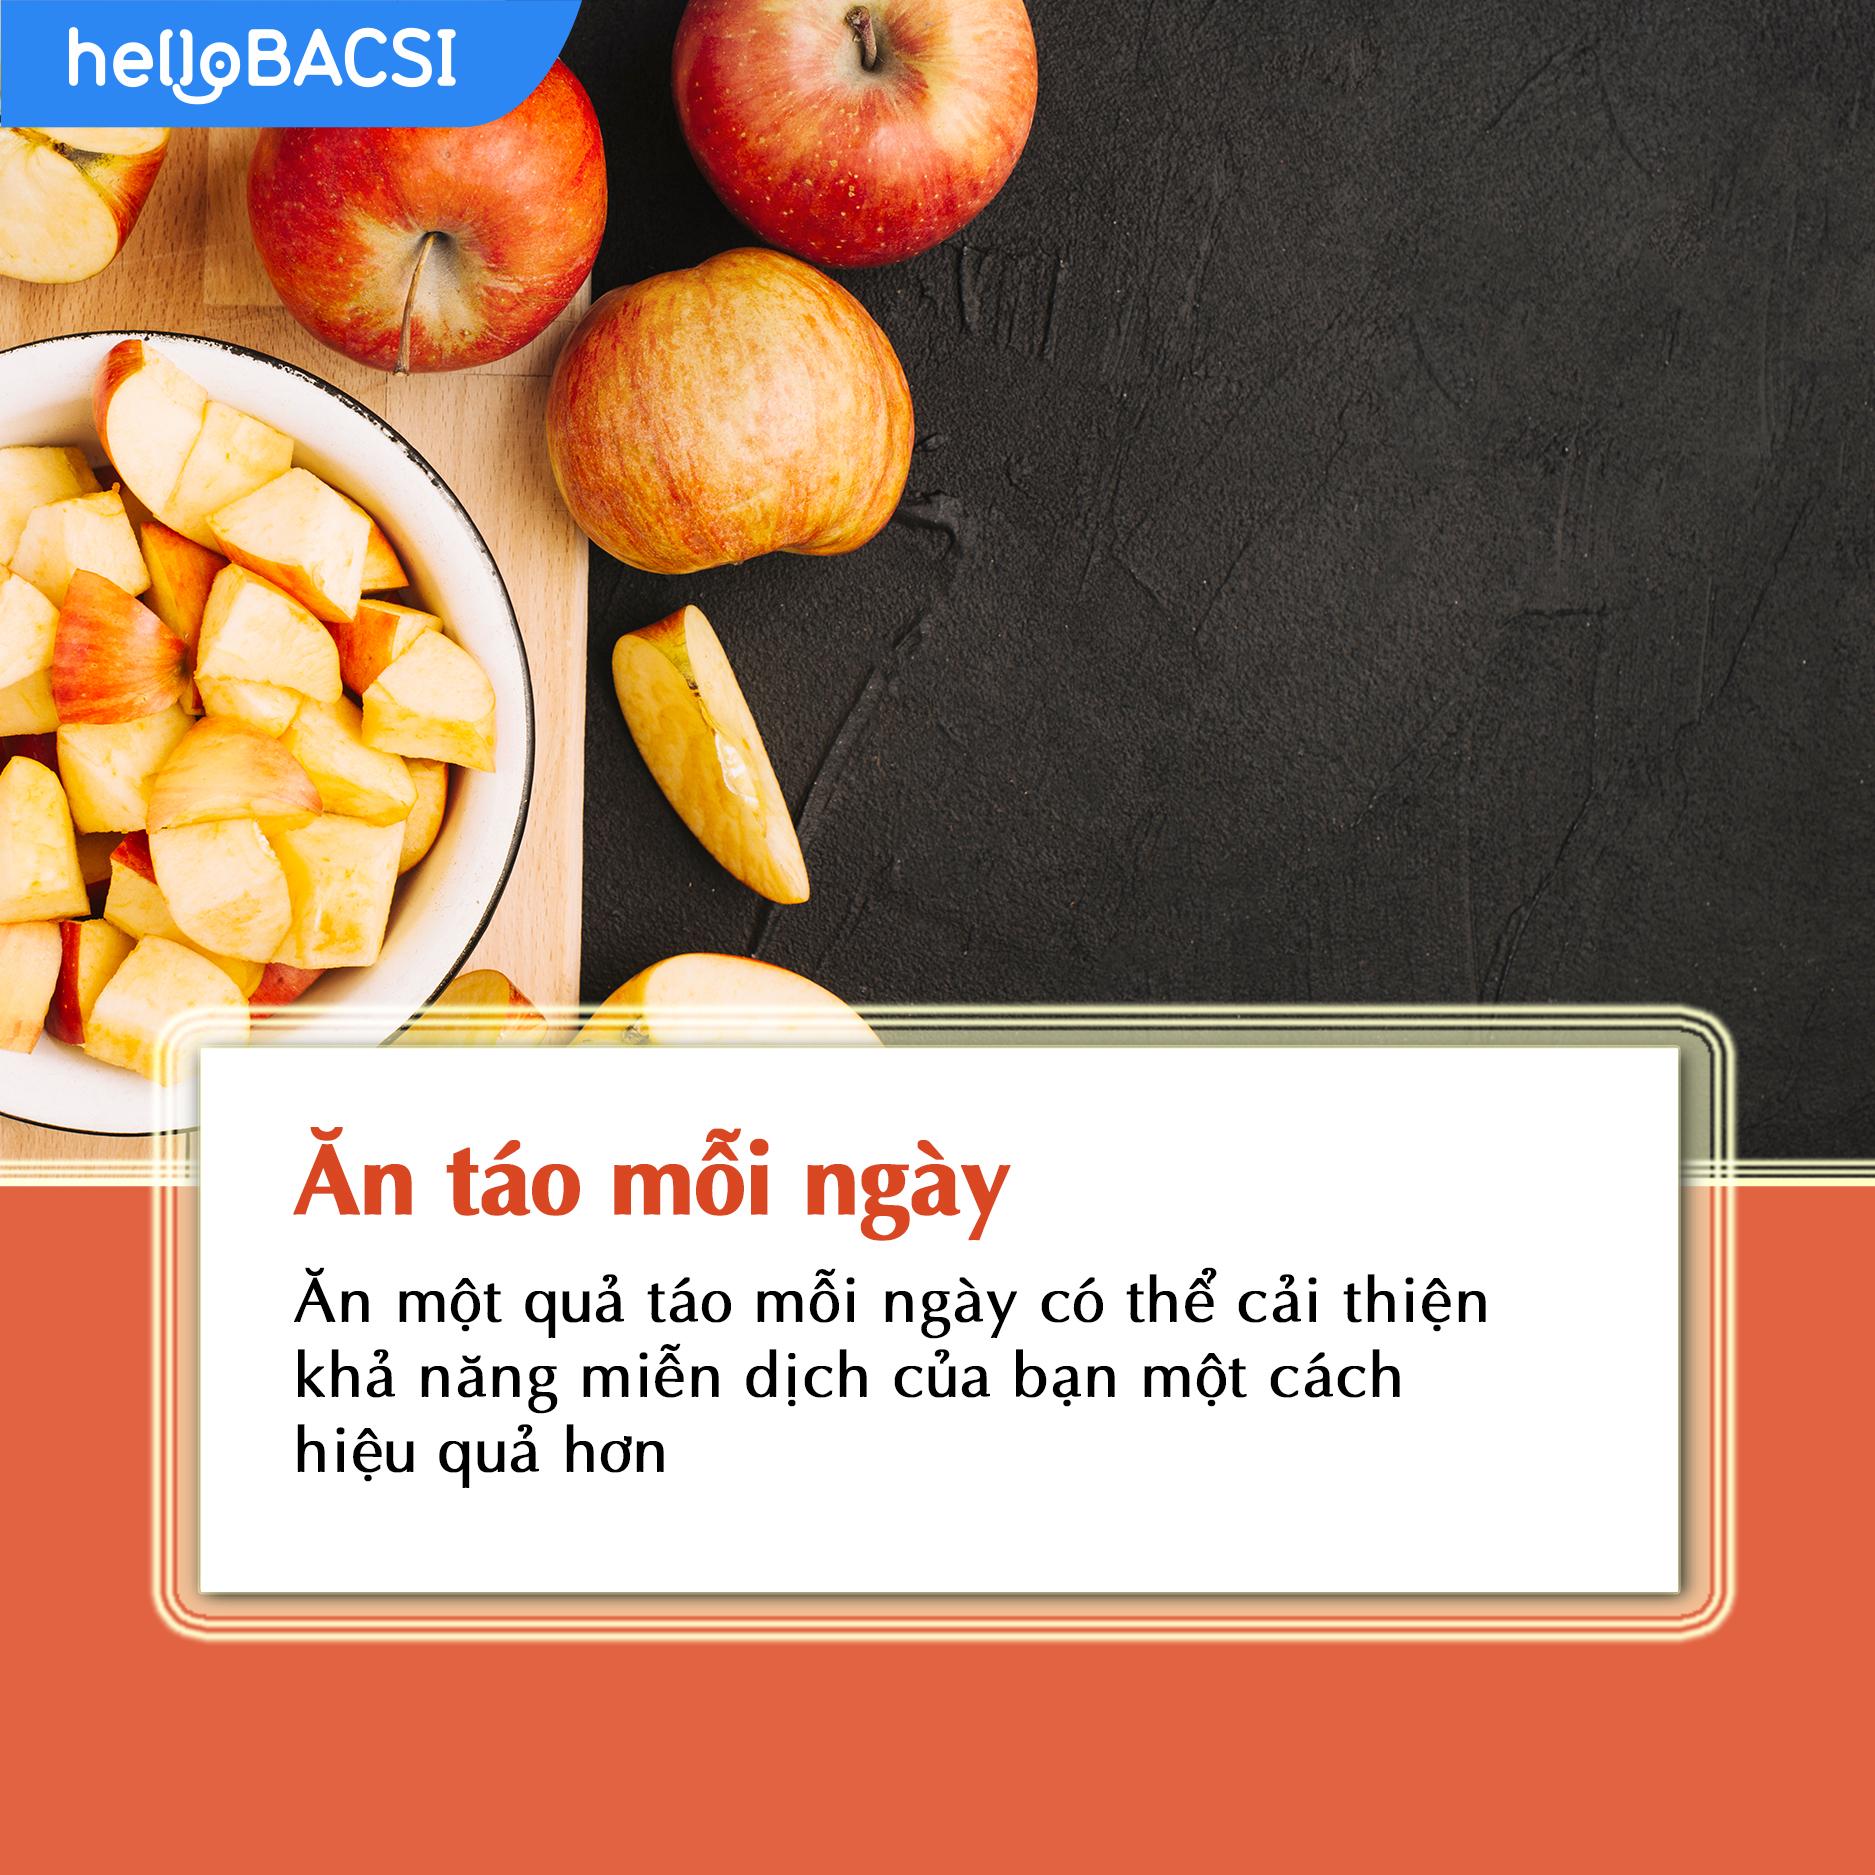 Ăn táo hàng ngày để ngăn ngừa ung thư